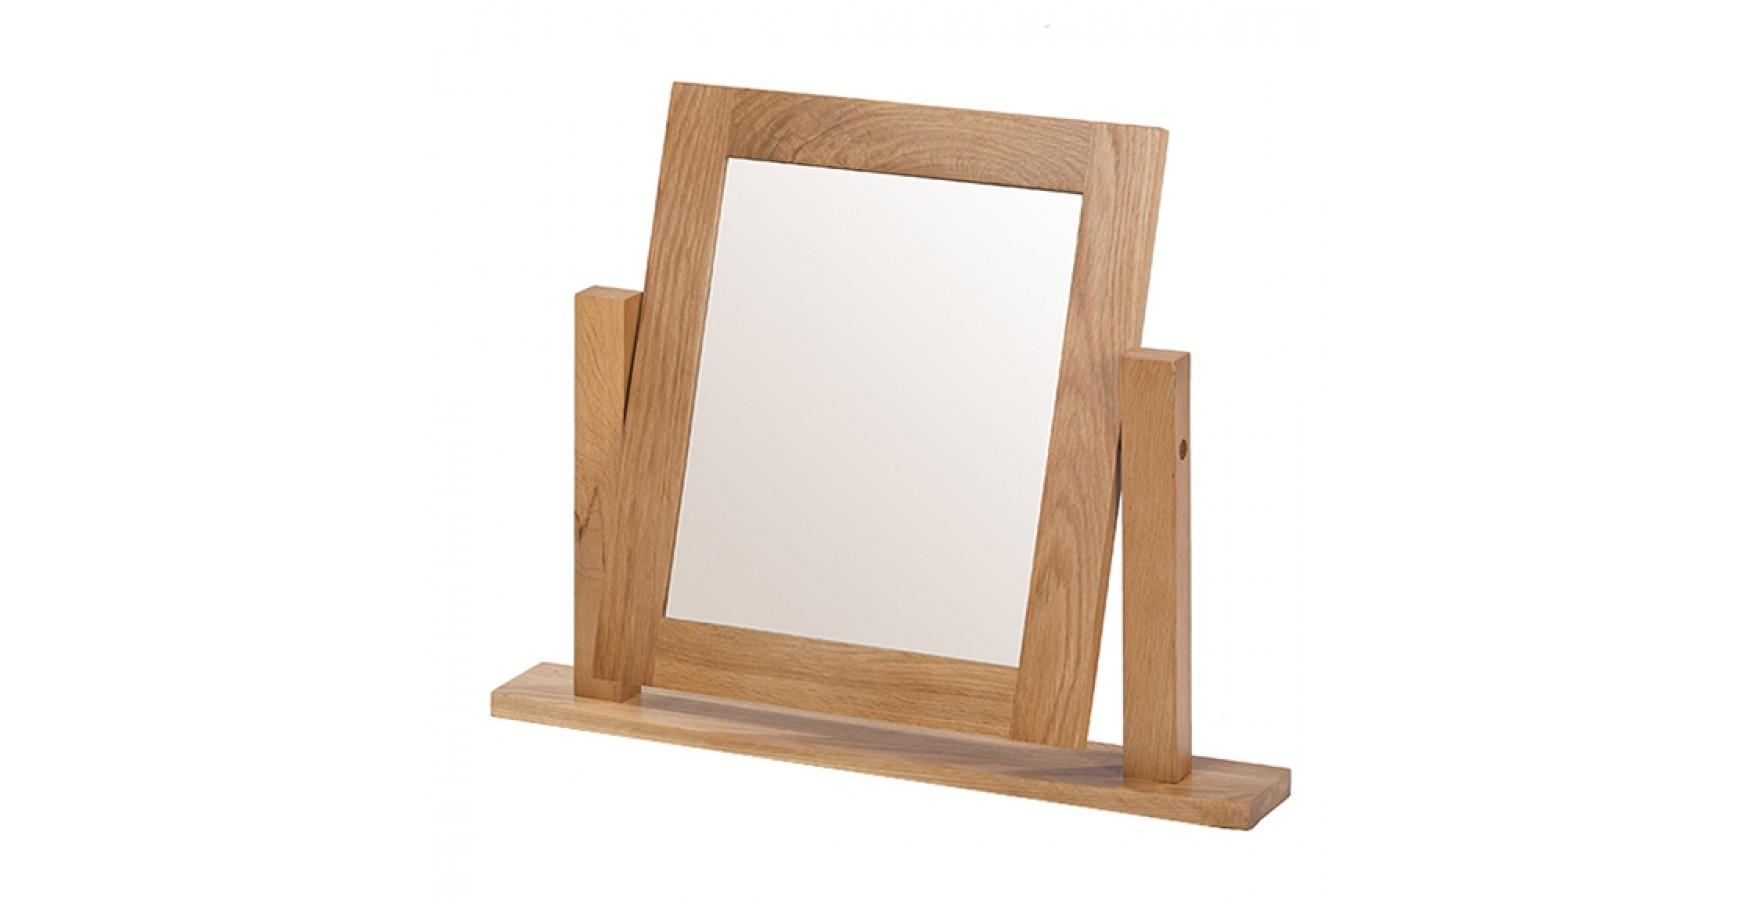 Rustic oak dressing table vanity mirror lifestyle for Vanity dressing table with mirror